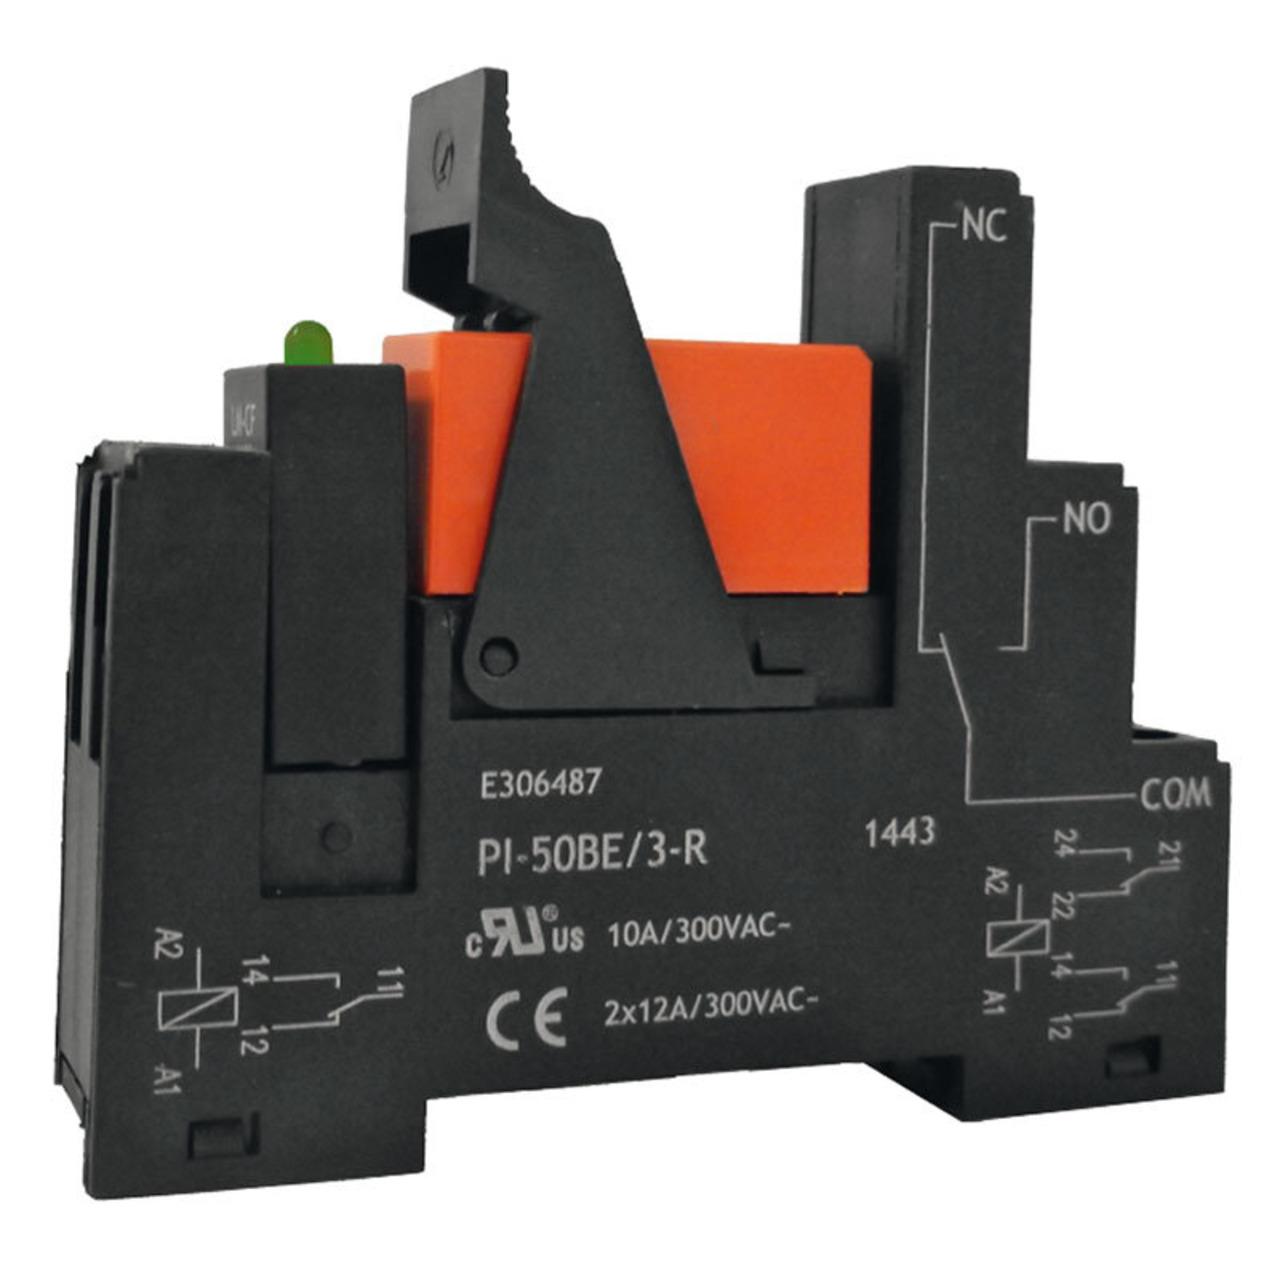 Relais- 24 V- 1 Wechsler- SHC113SD24R01